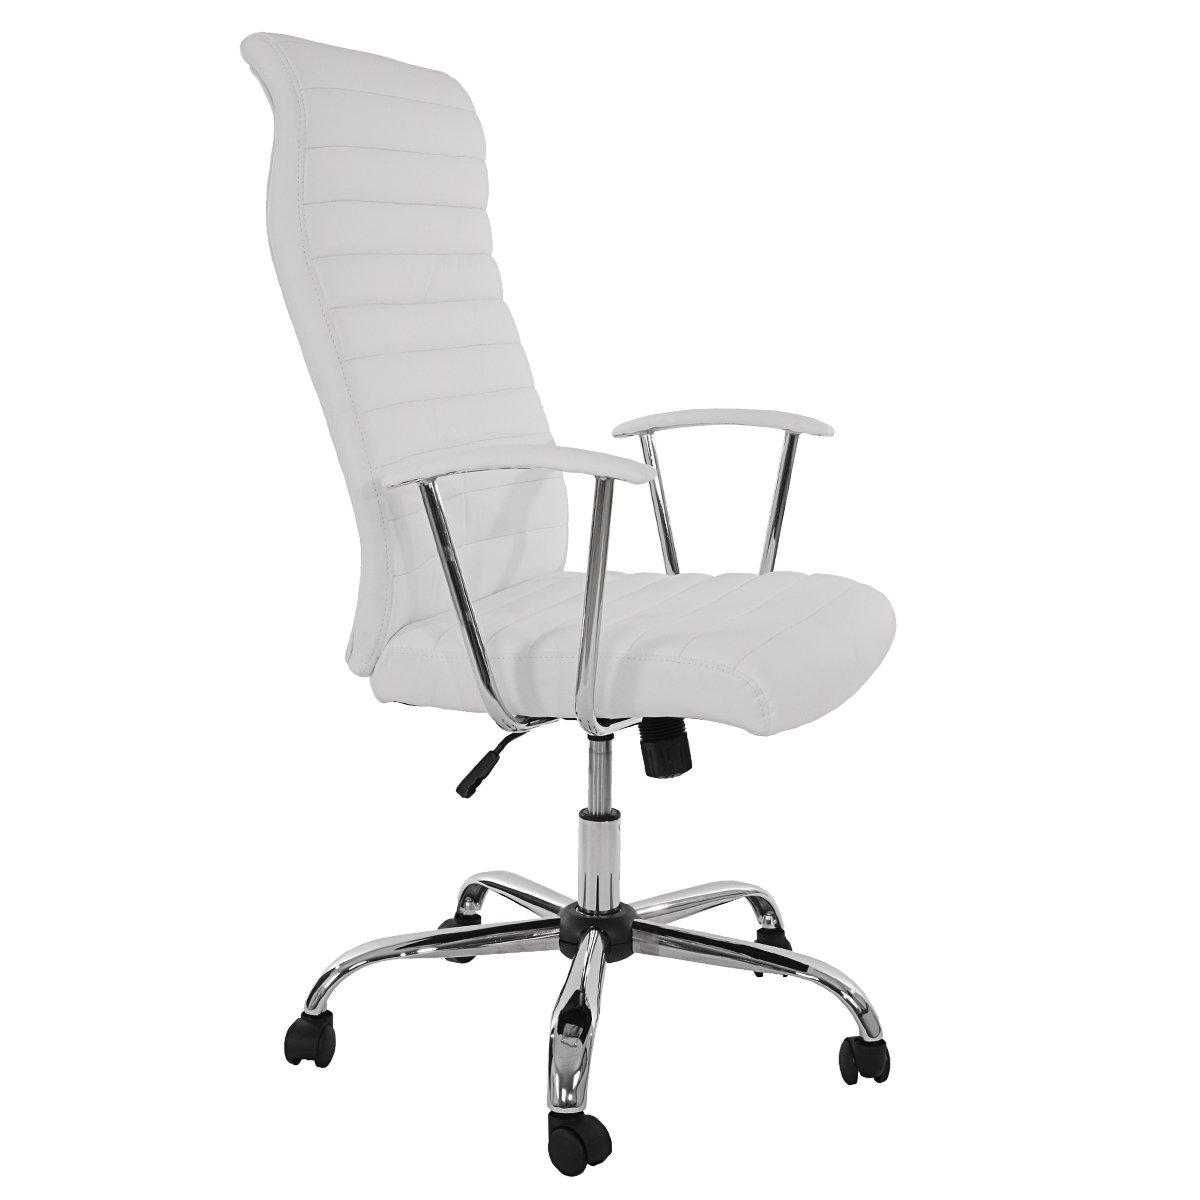 Ergonomischer bürostuhl weiß  Bürostuhl Drehstuhl Chefsessel Cagliari, ergonomische Form ~ weiß ...